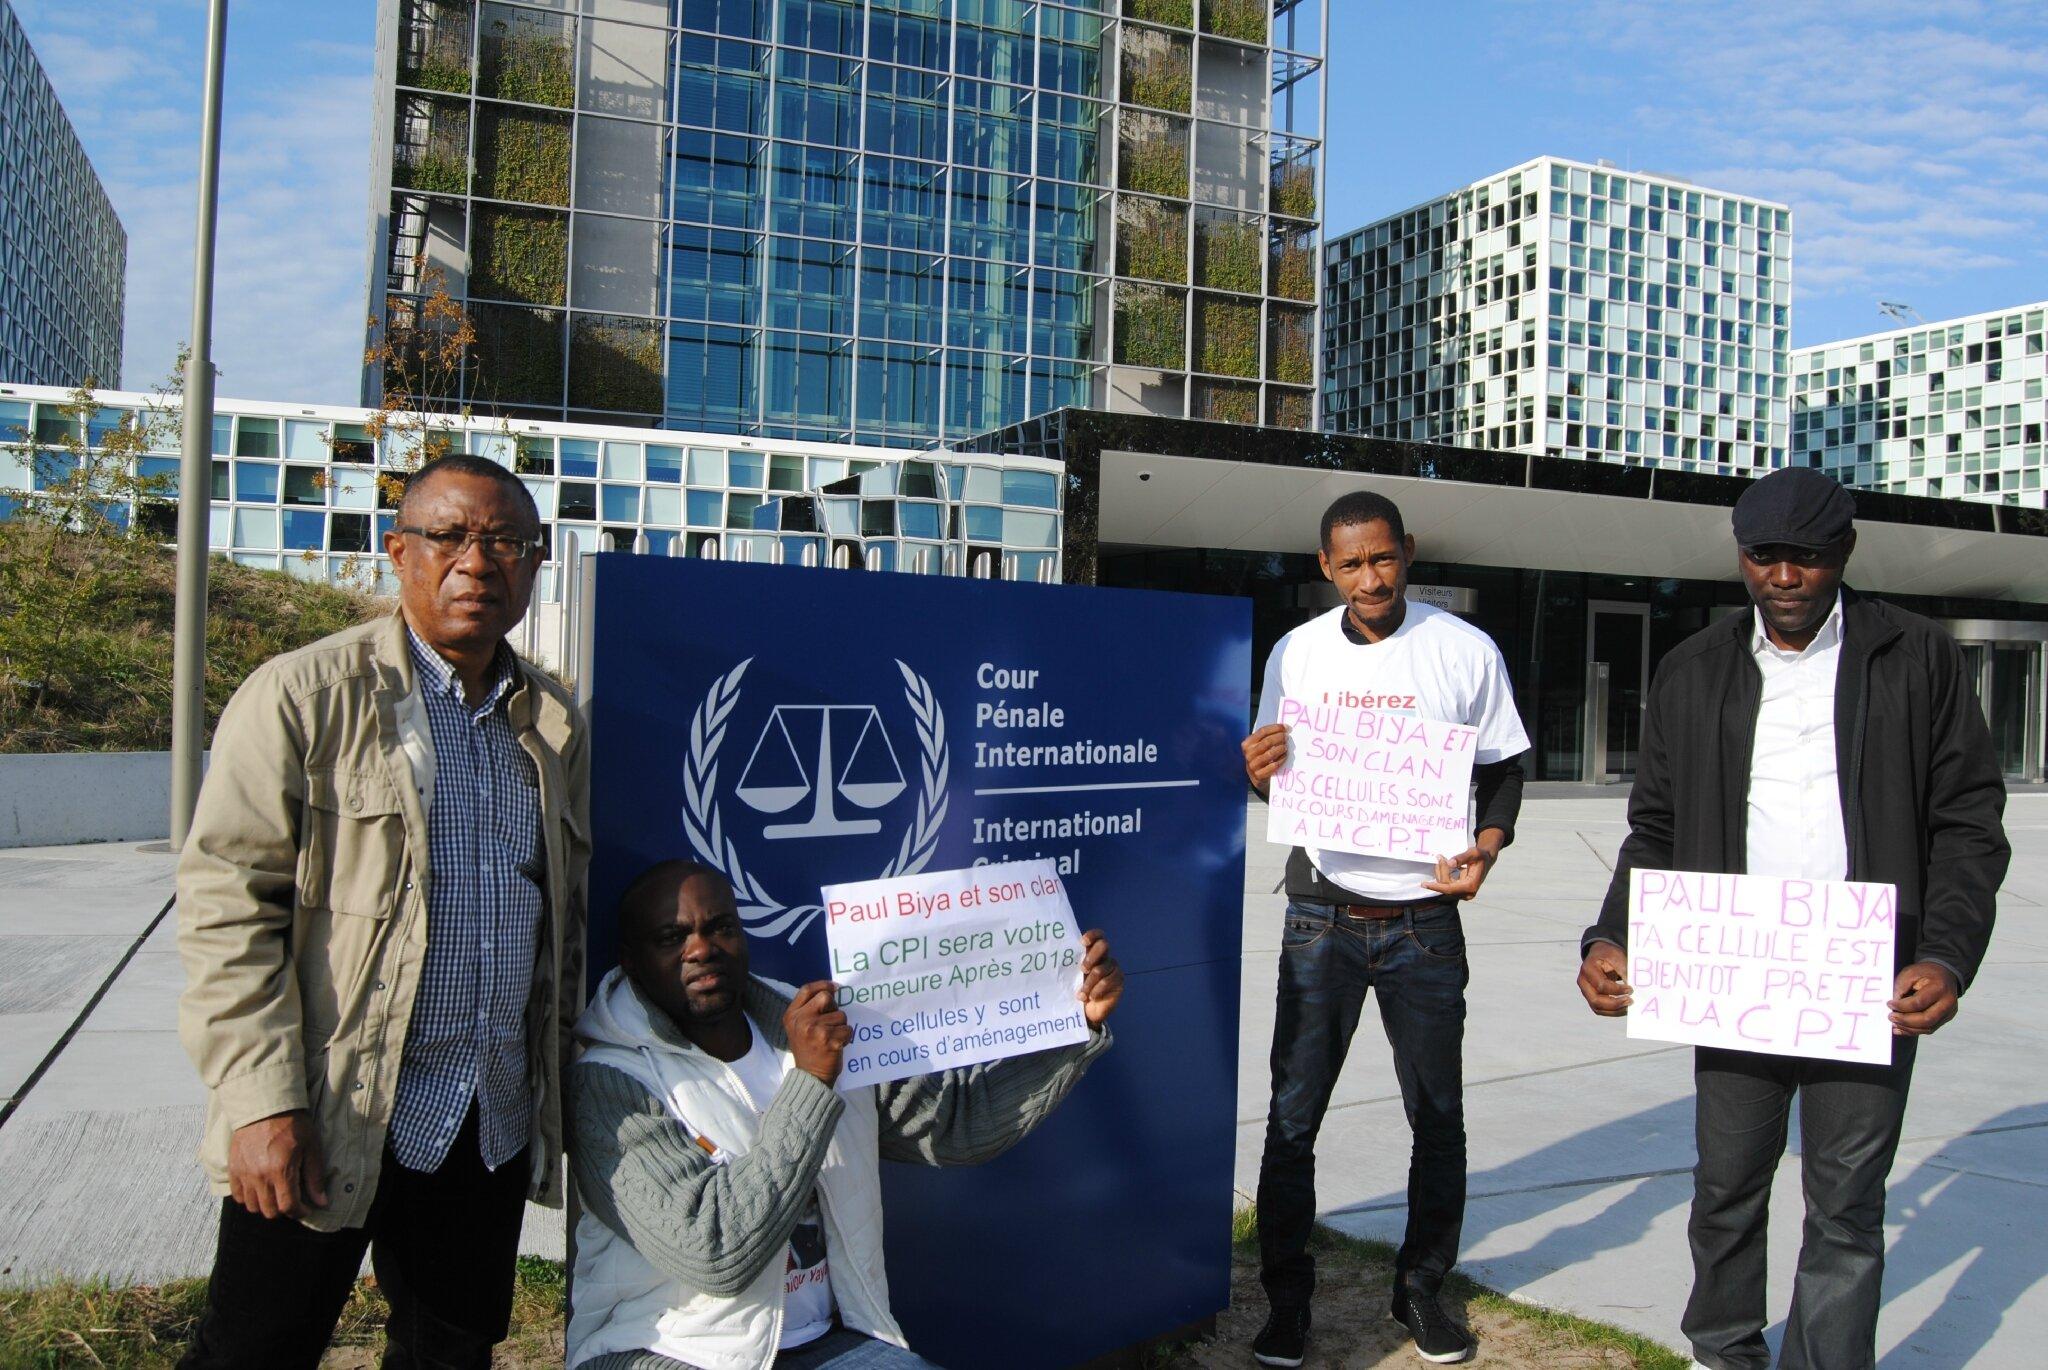 Bruyante manifestation des associations patriotiques camerounaises à la Haye